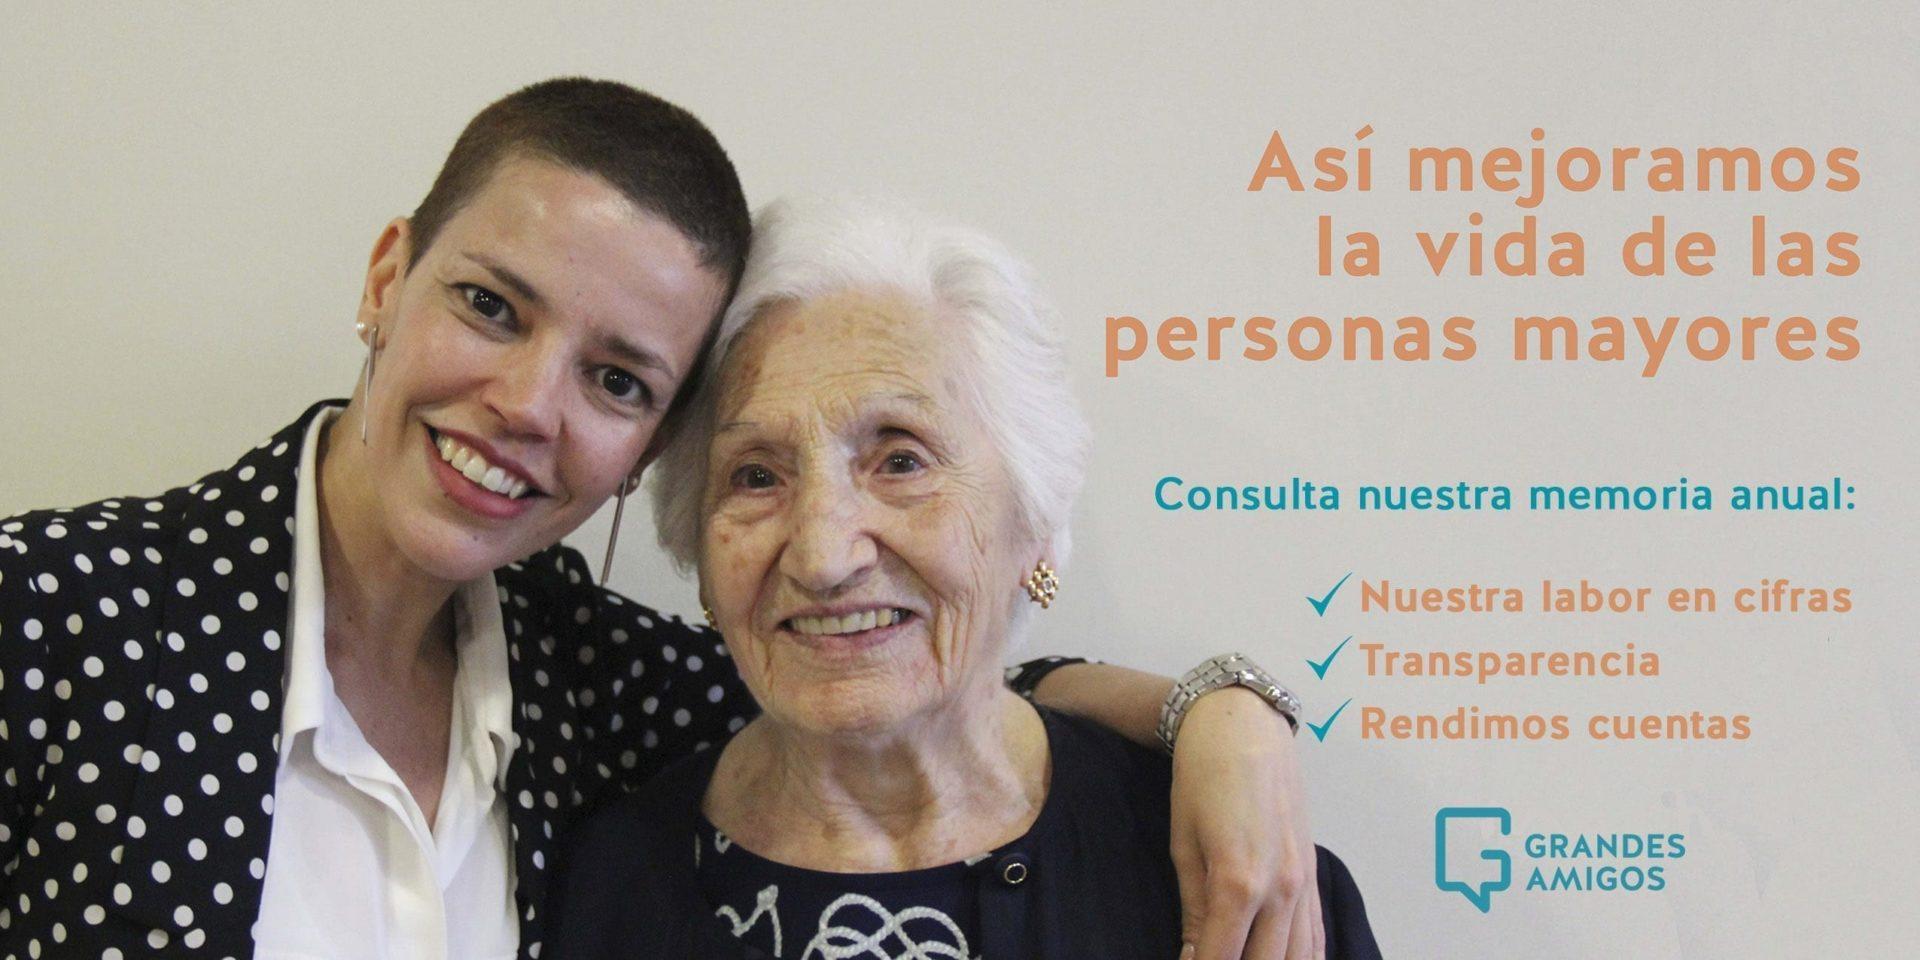 Josefa y Ana te enseñan nuestra labor en cifras: Memoria de Grandes Amigos